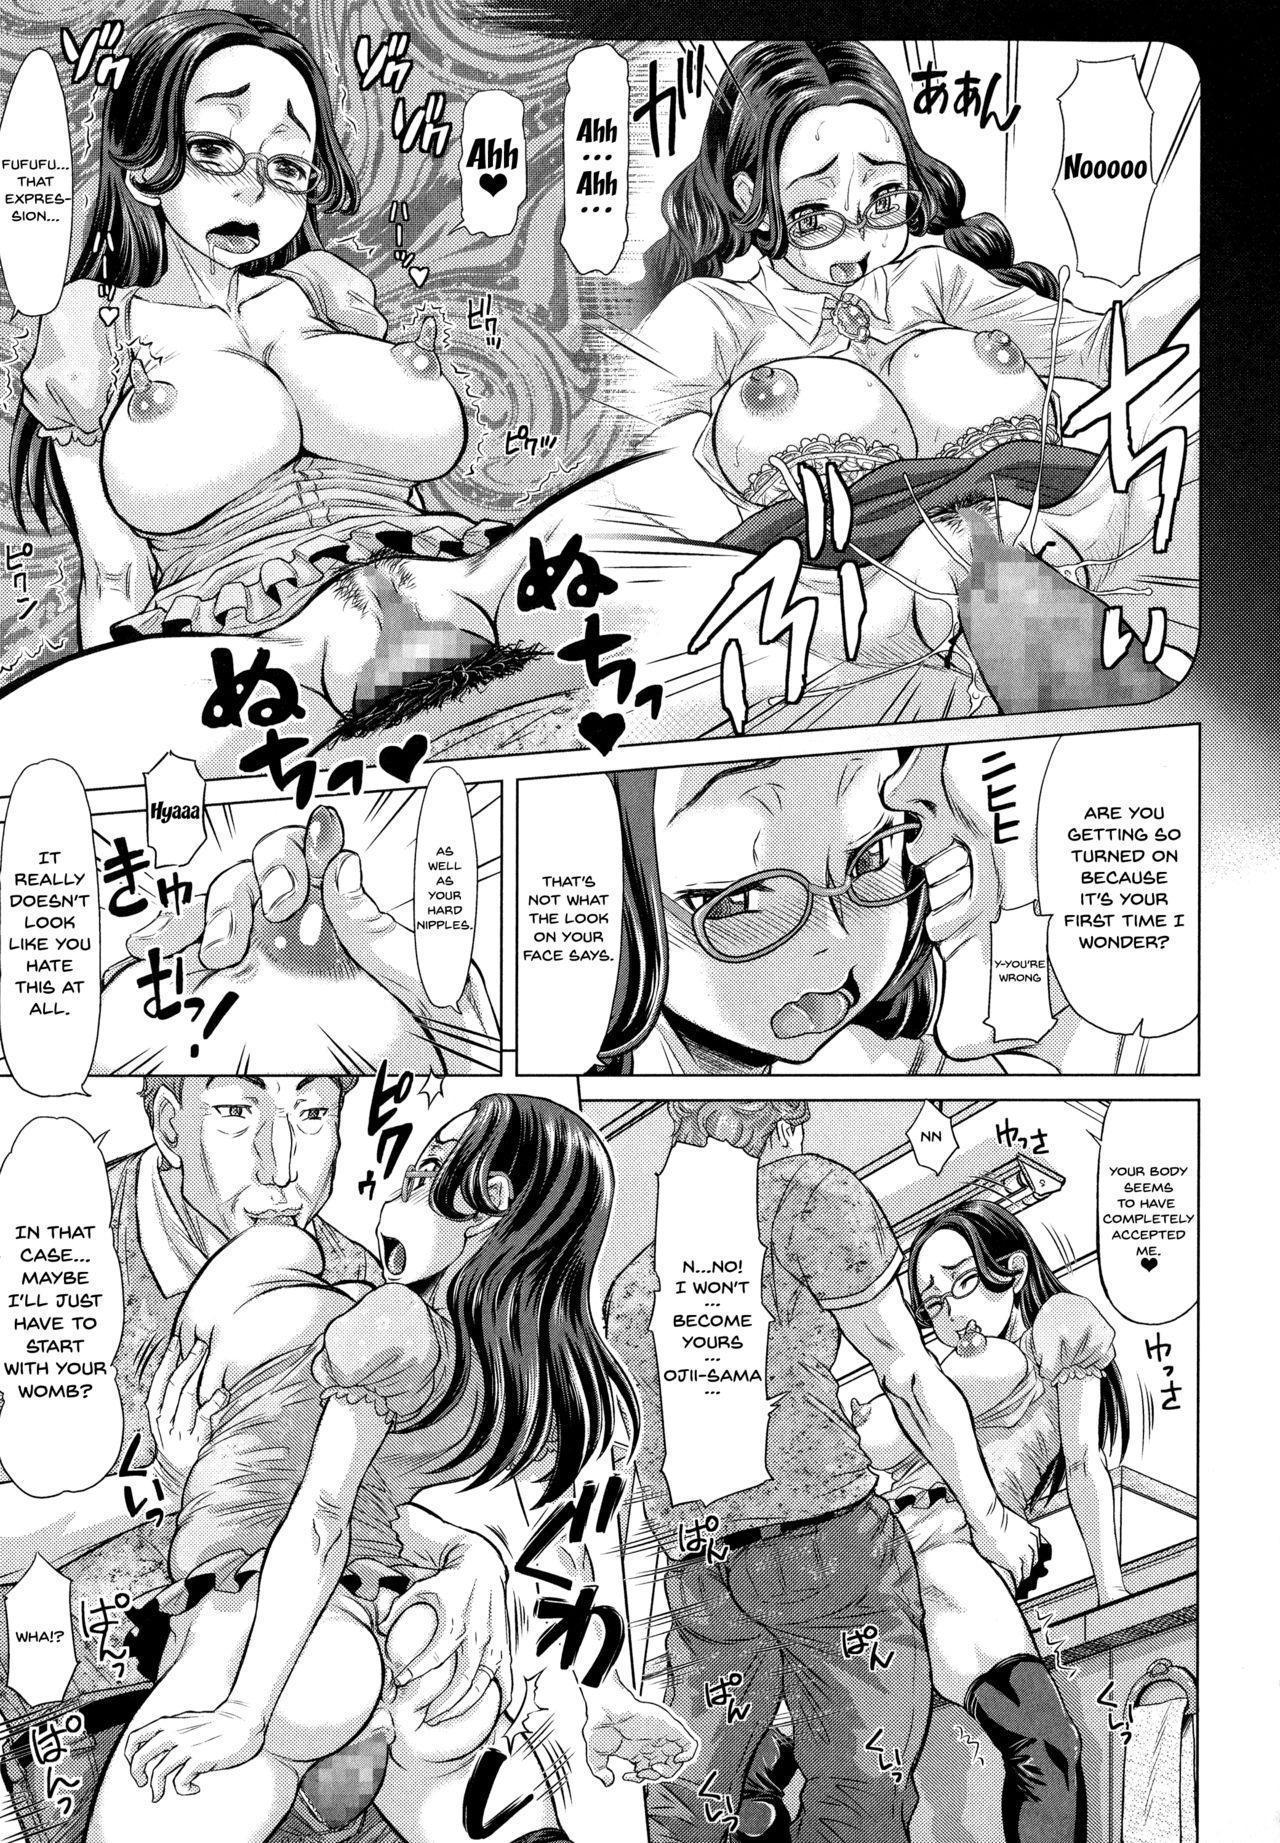 [Minority] Negative Kanako-sensei Ch. 1-6 [English] {Doujins.com} 102